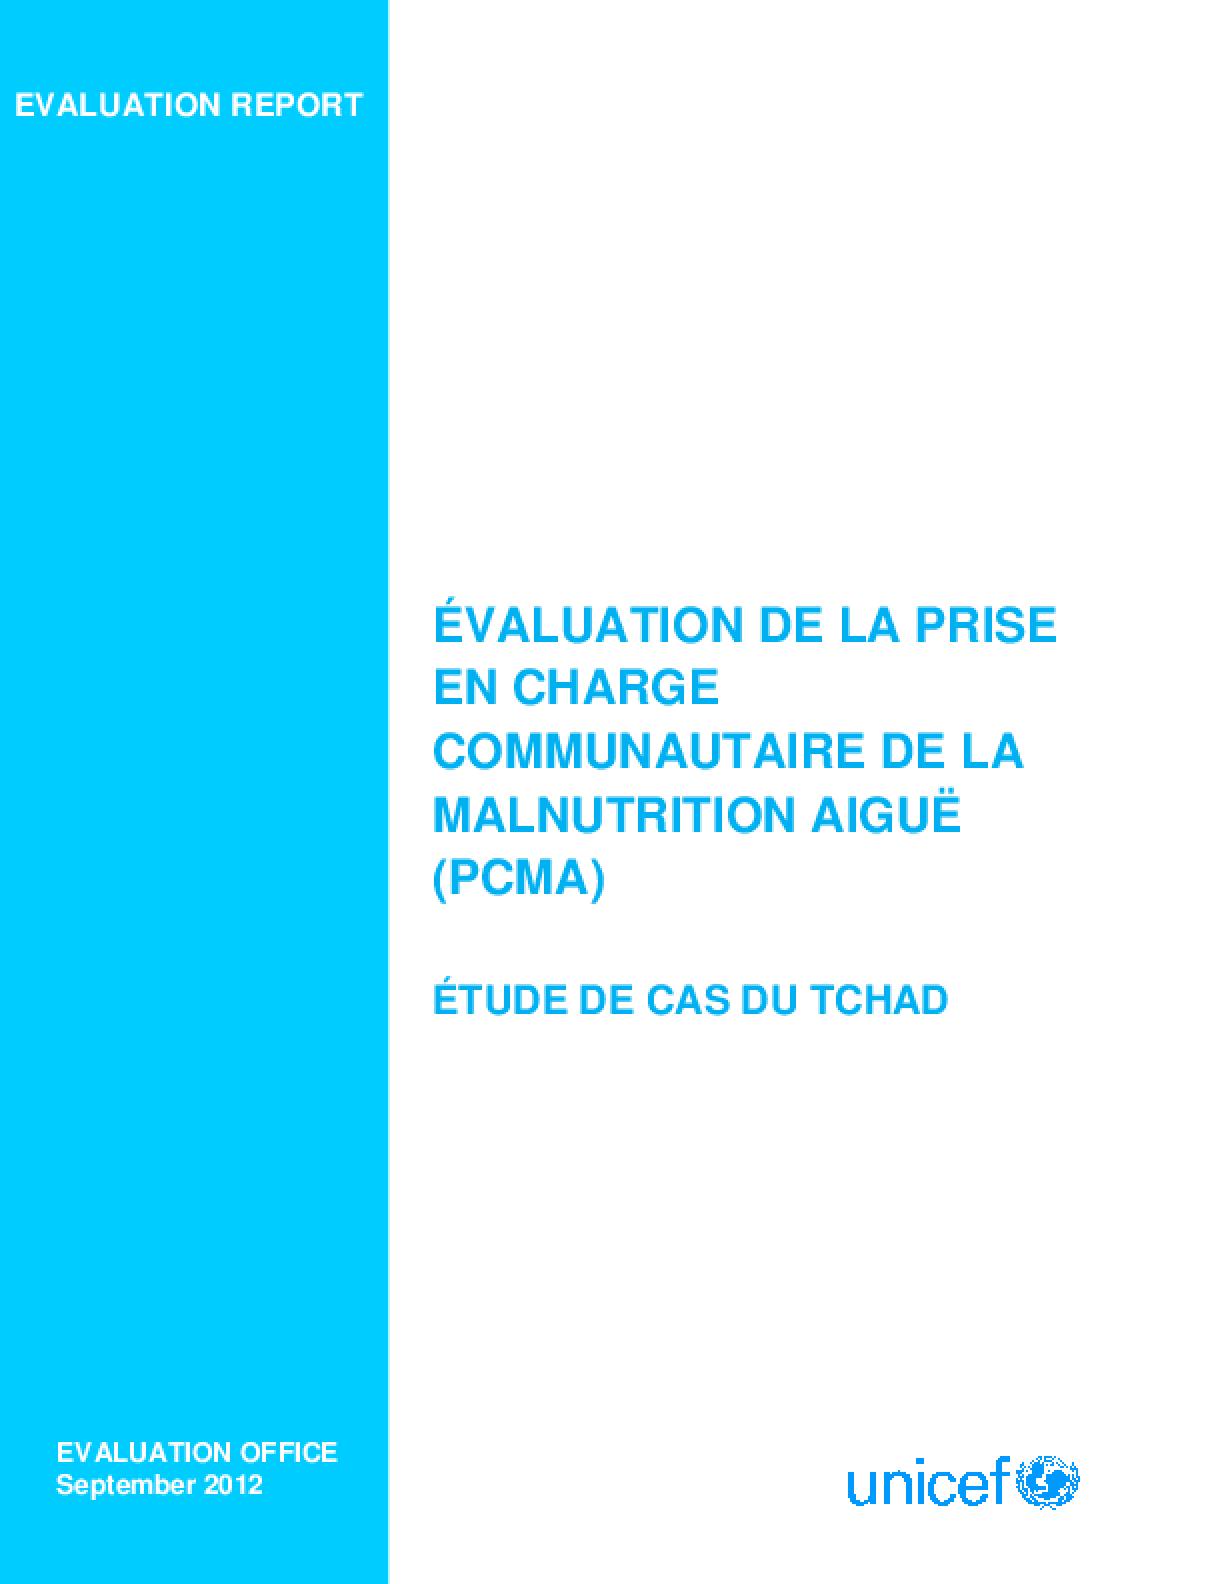 Evaluation de la Prise en Charge Communautaire de la Malnutrition Aigüe: Etude de Cas du Tchad